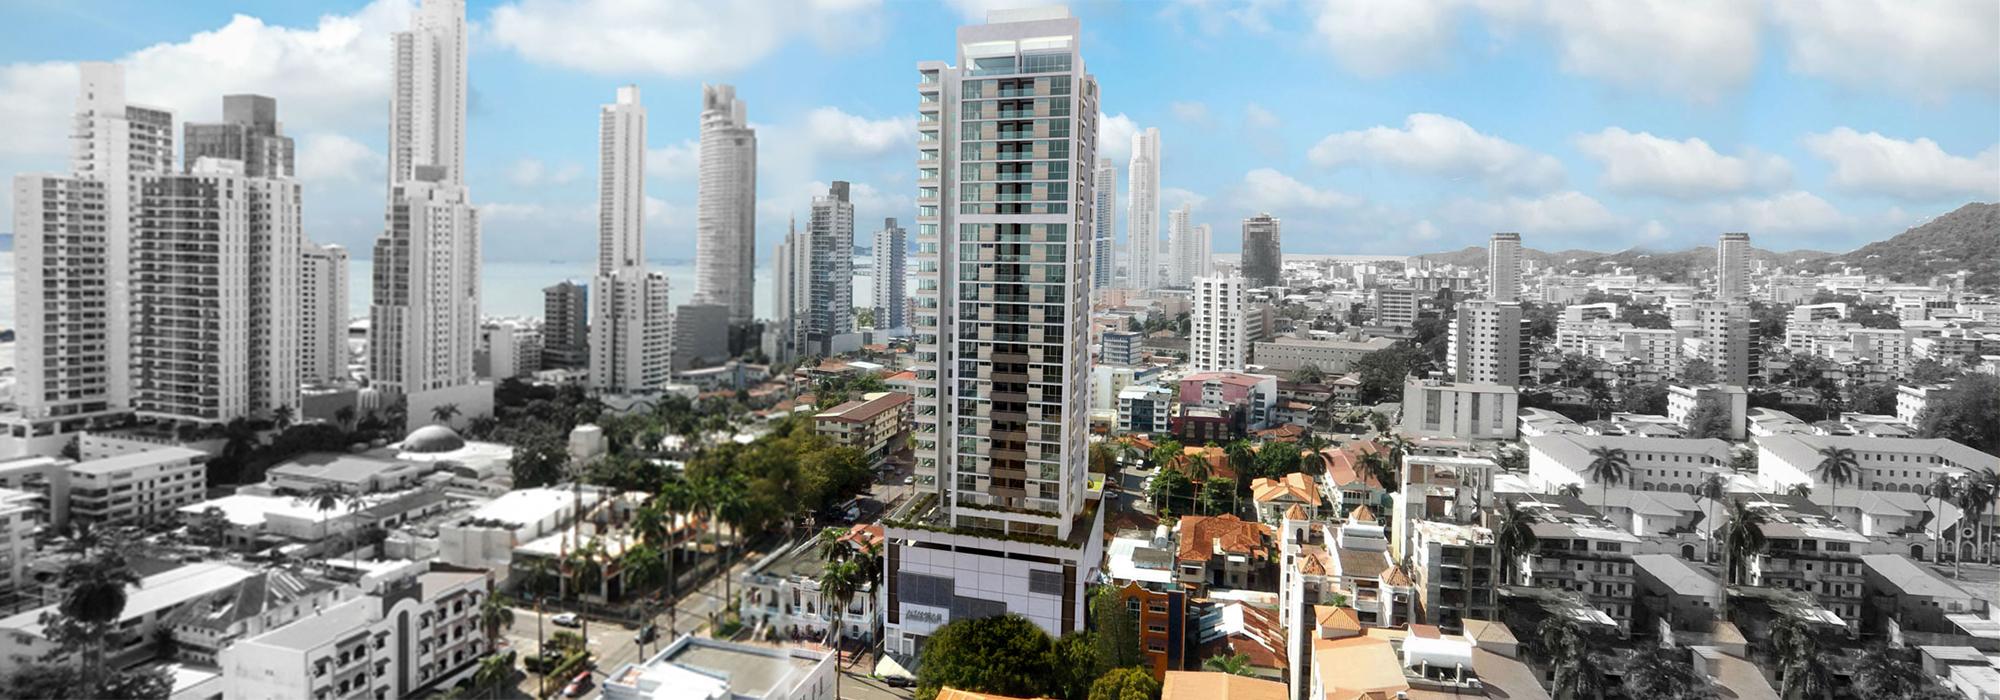 Proyectos De Apartamentos en Panamá – 5 Puntos a Evaluar antes de Elegir Su Proyecto